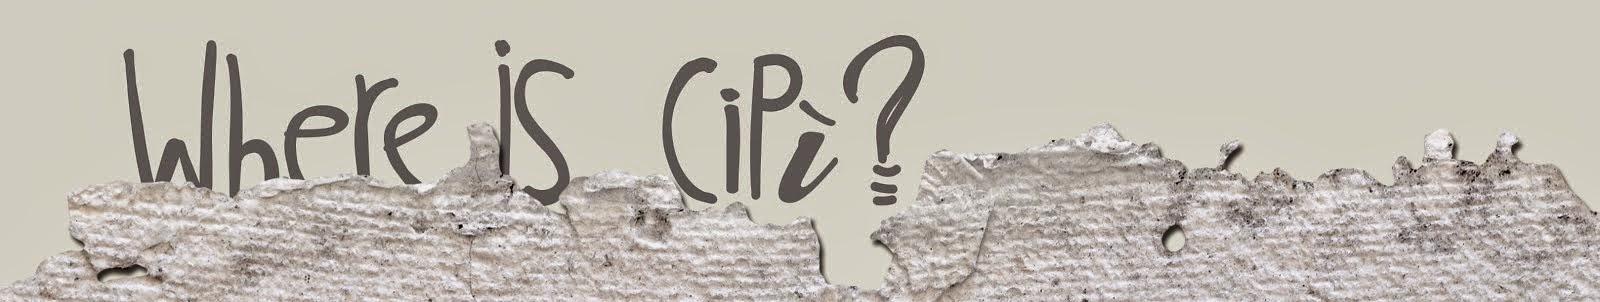 Where is CiPì?